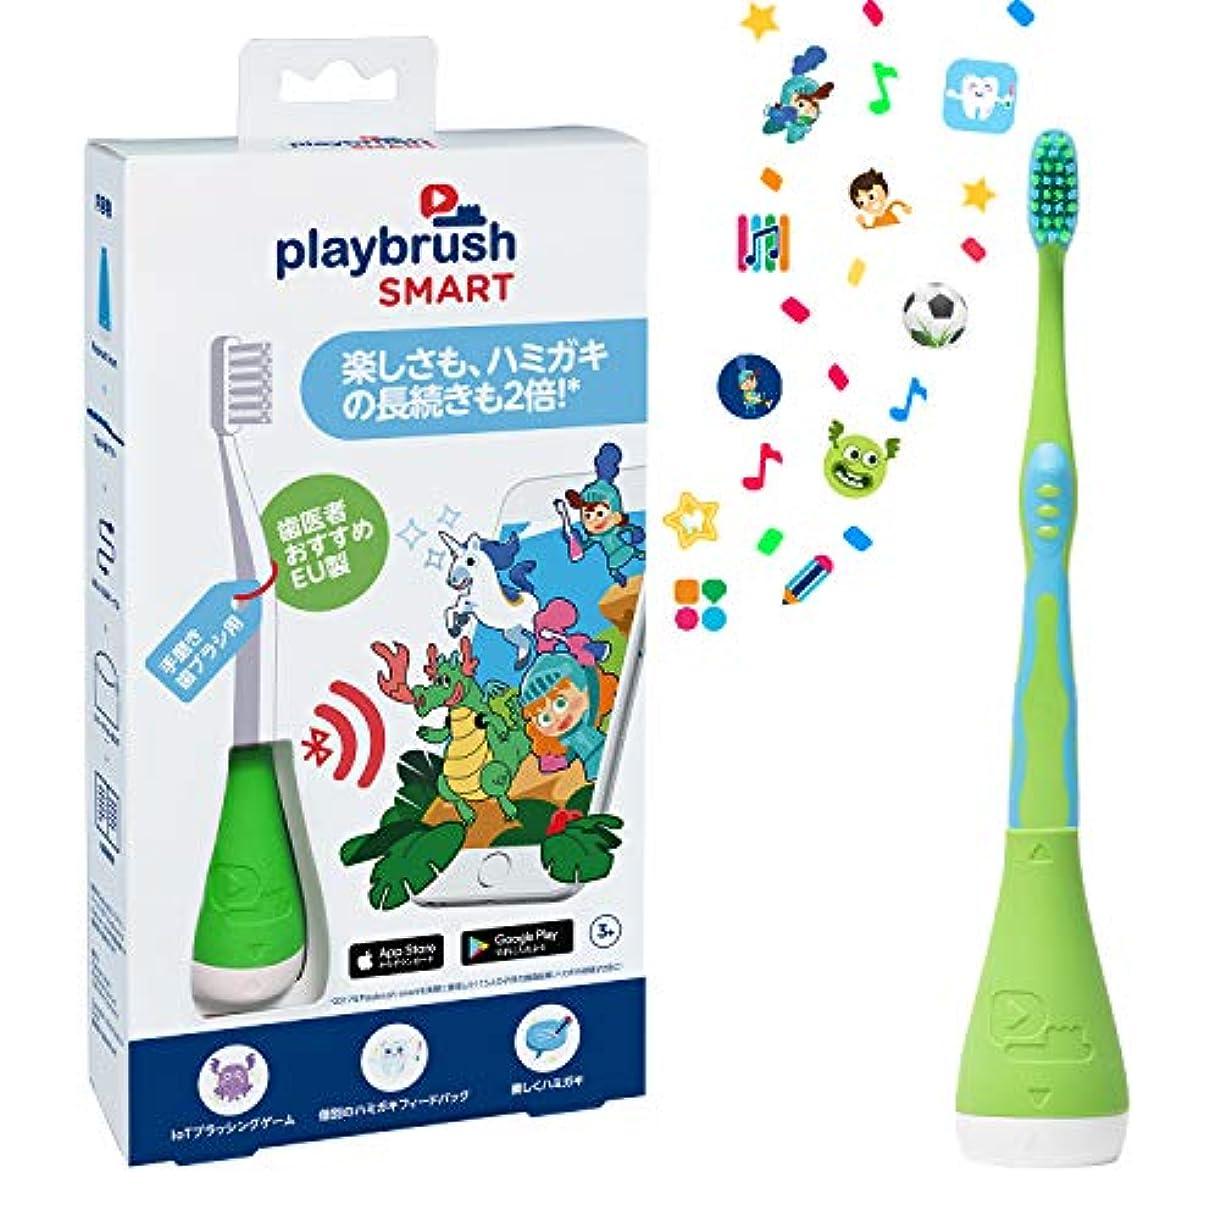 留まるボード付与【ヨーロッパ製 アプリで正しいハミガキを身につけられる子供用歯ブラシ】プレイブラッシュ スマート グリーン◇ 普段の歯ブラシに取り付けるだけ◇ Playbrush Smart Green